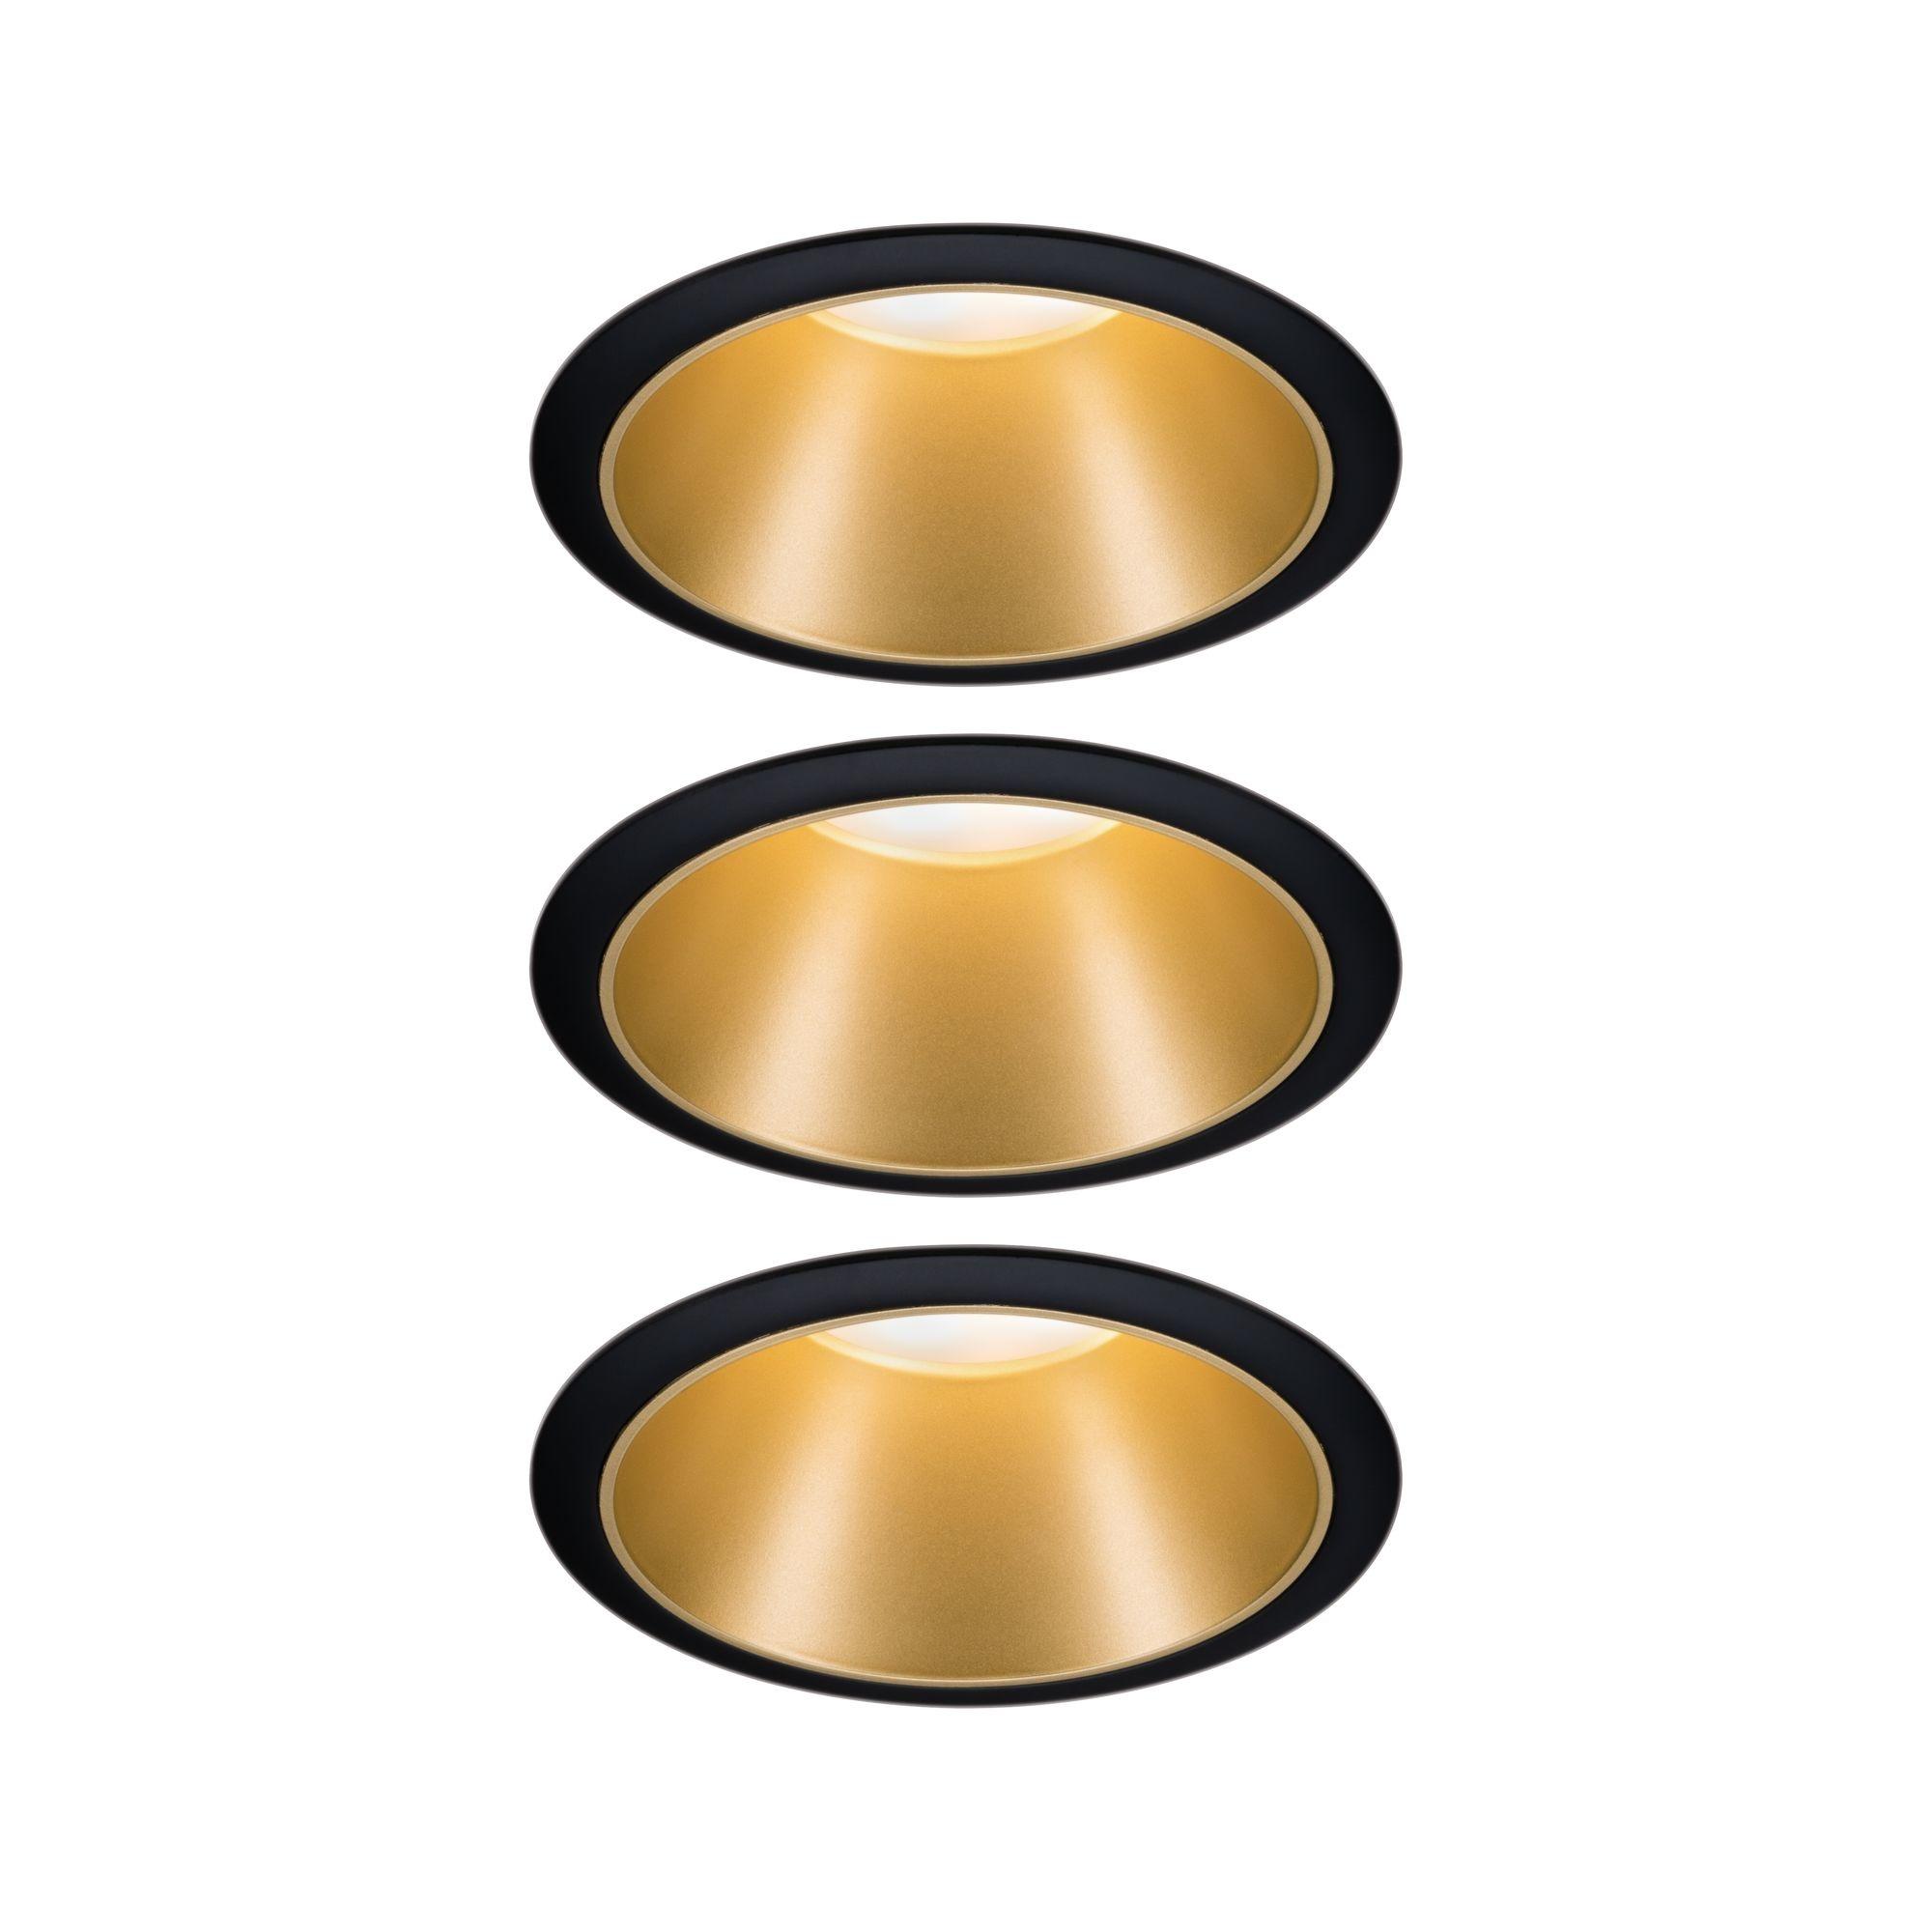 Paulmann EBL Set Cole Coin 3StepDim rd starr LED 3x6,5W 2700K 230V schwarz/gold matt/Kst